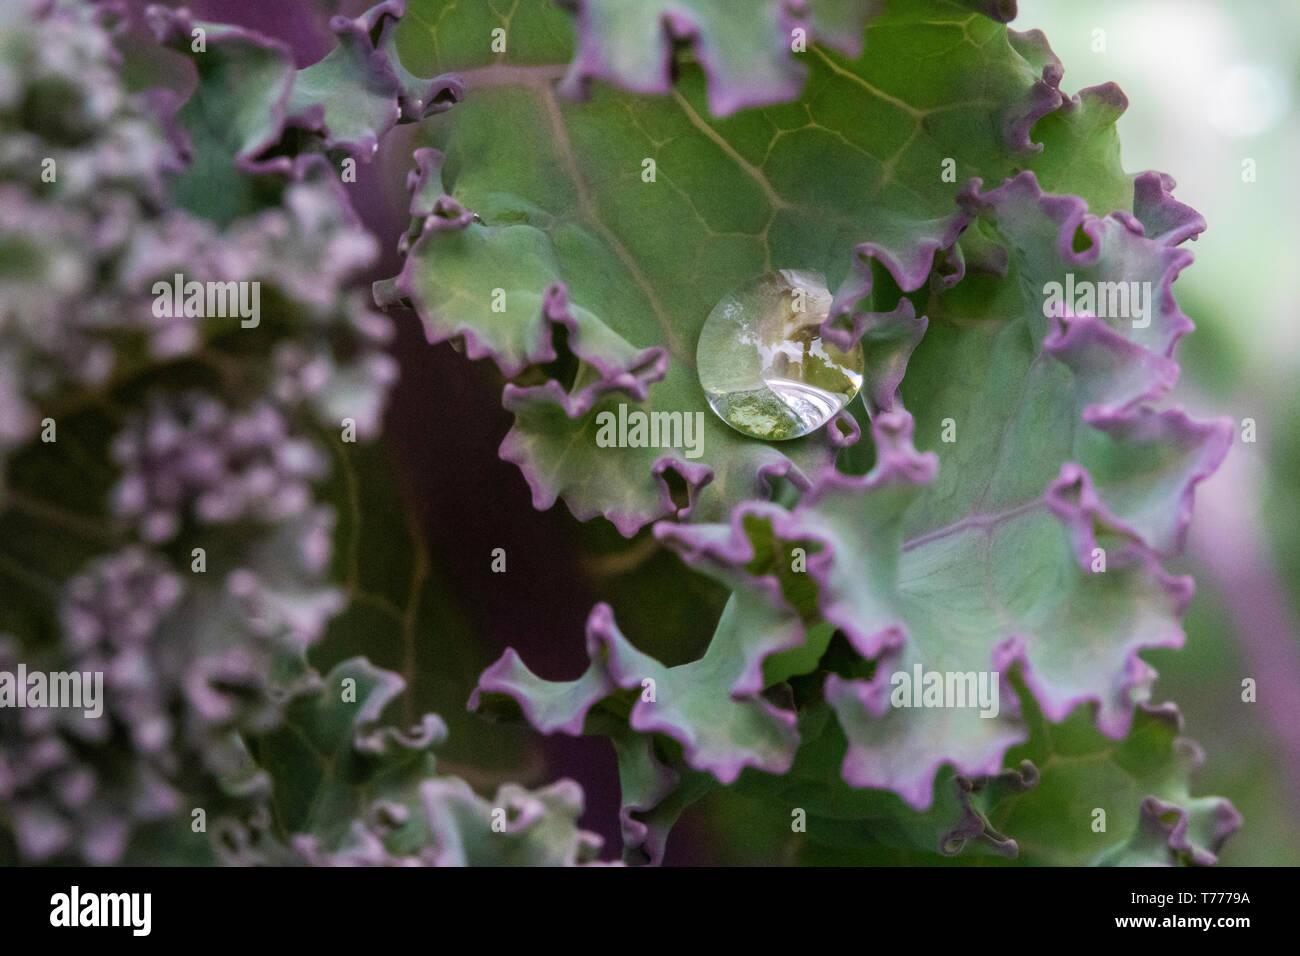 Alta tensión superficial sobre una hoja de col rizada beads agua, alias: el efecto loto Imagen De Stock